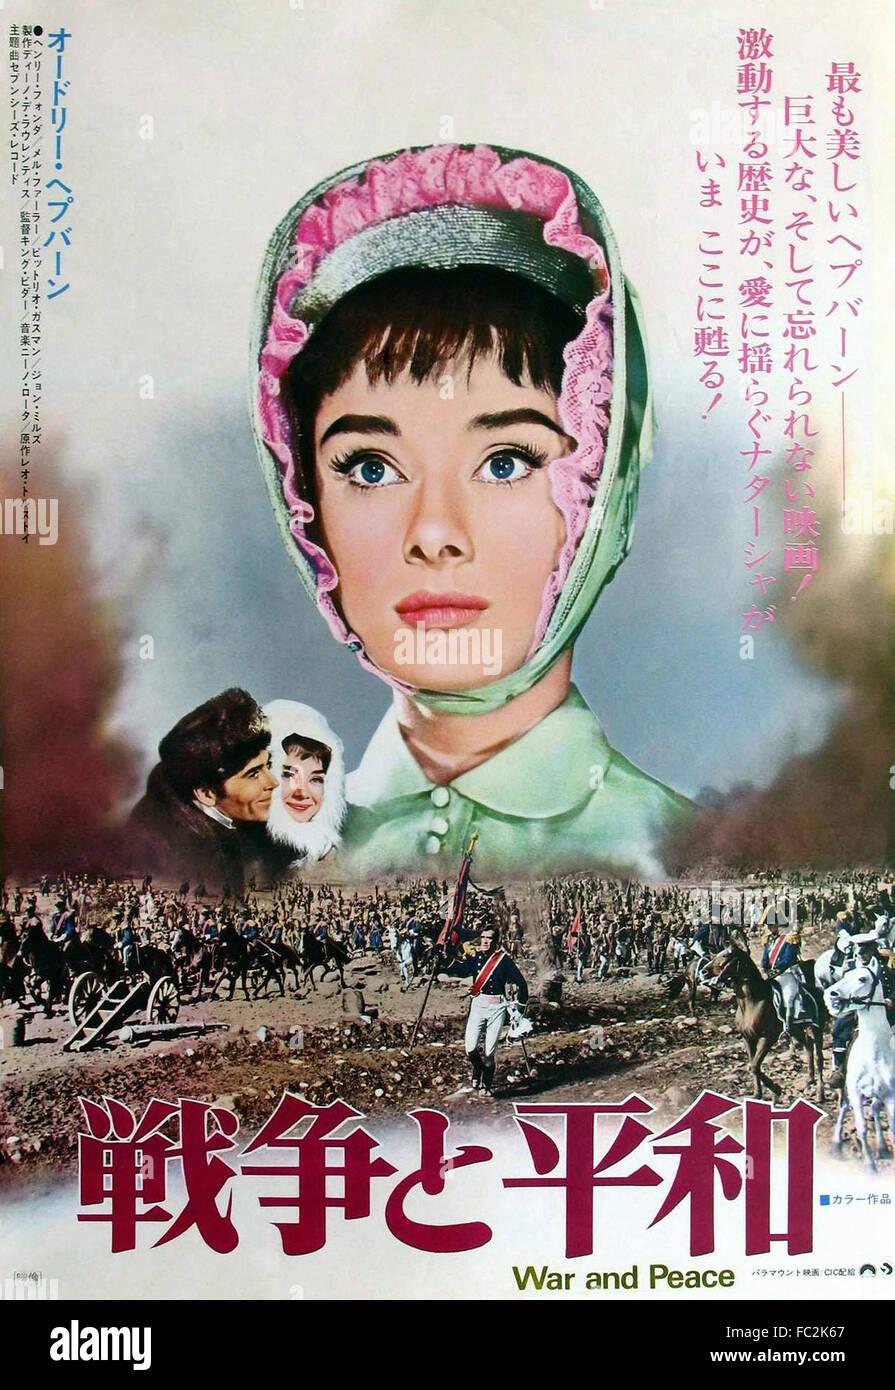 Movie Poster Japan Stock Photos & Movie Poster Japan Stock